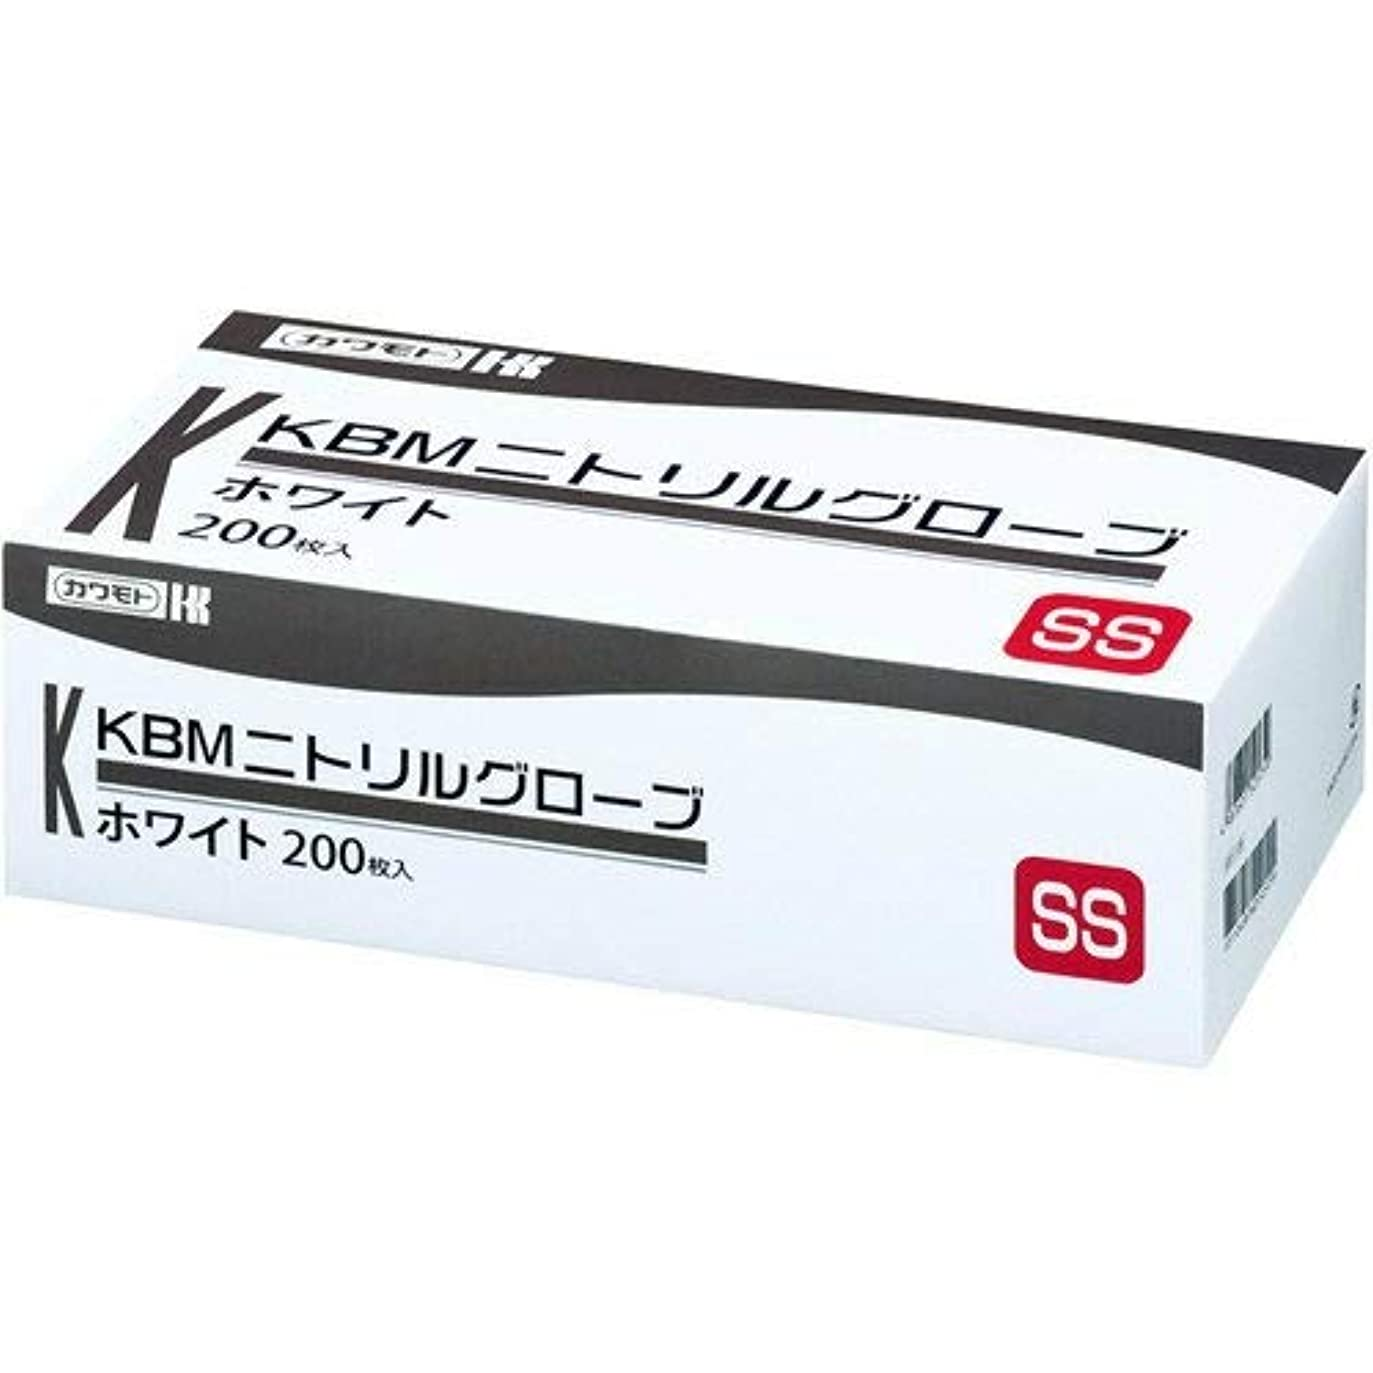 ファンシーつかまえる高さ川本産業 カワモト ニトリルグローブ ホワイト SS 200枚入